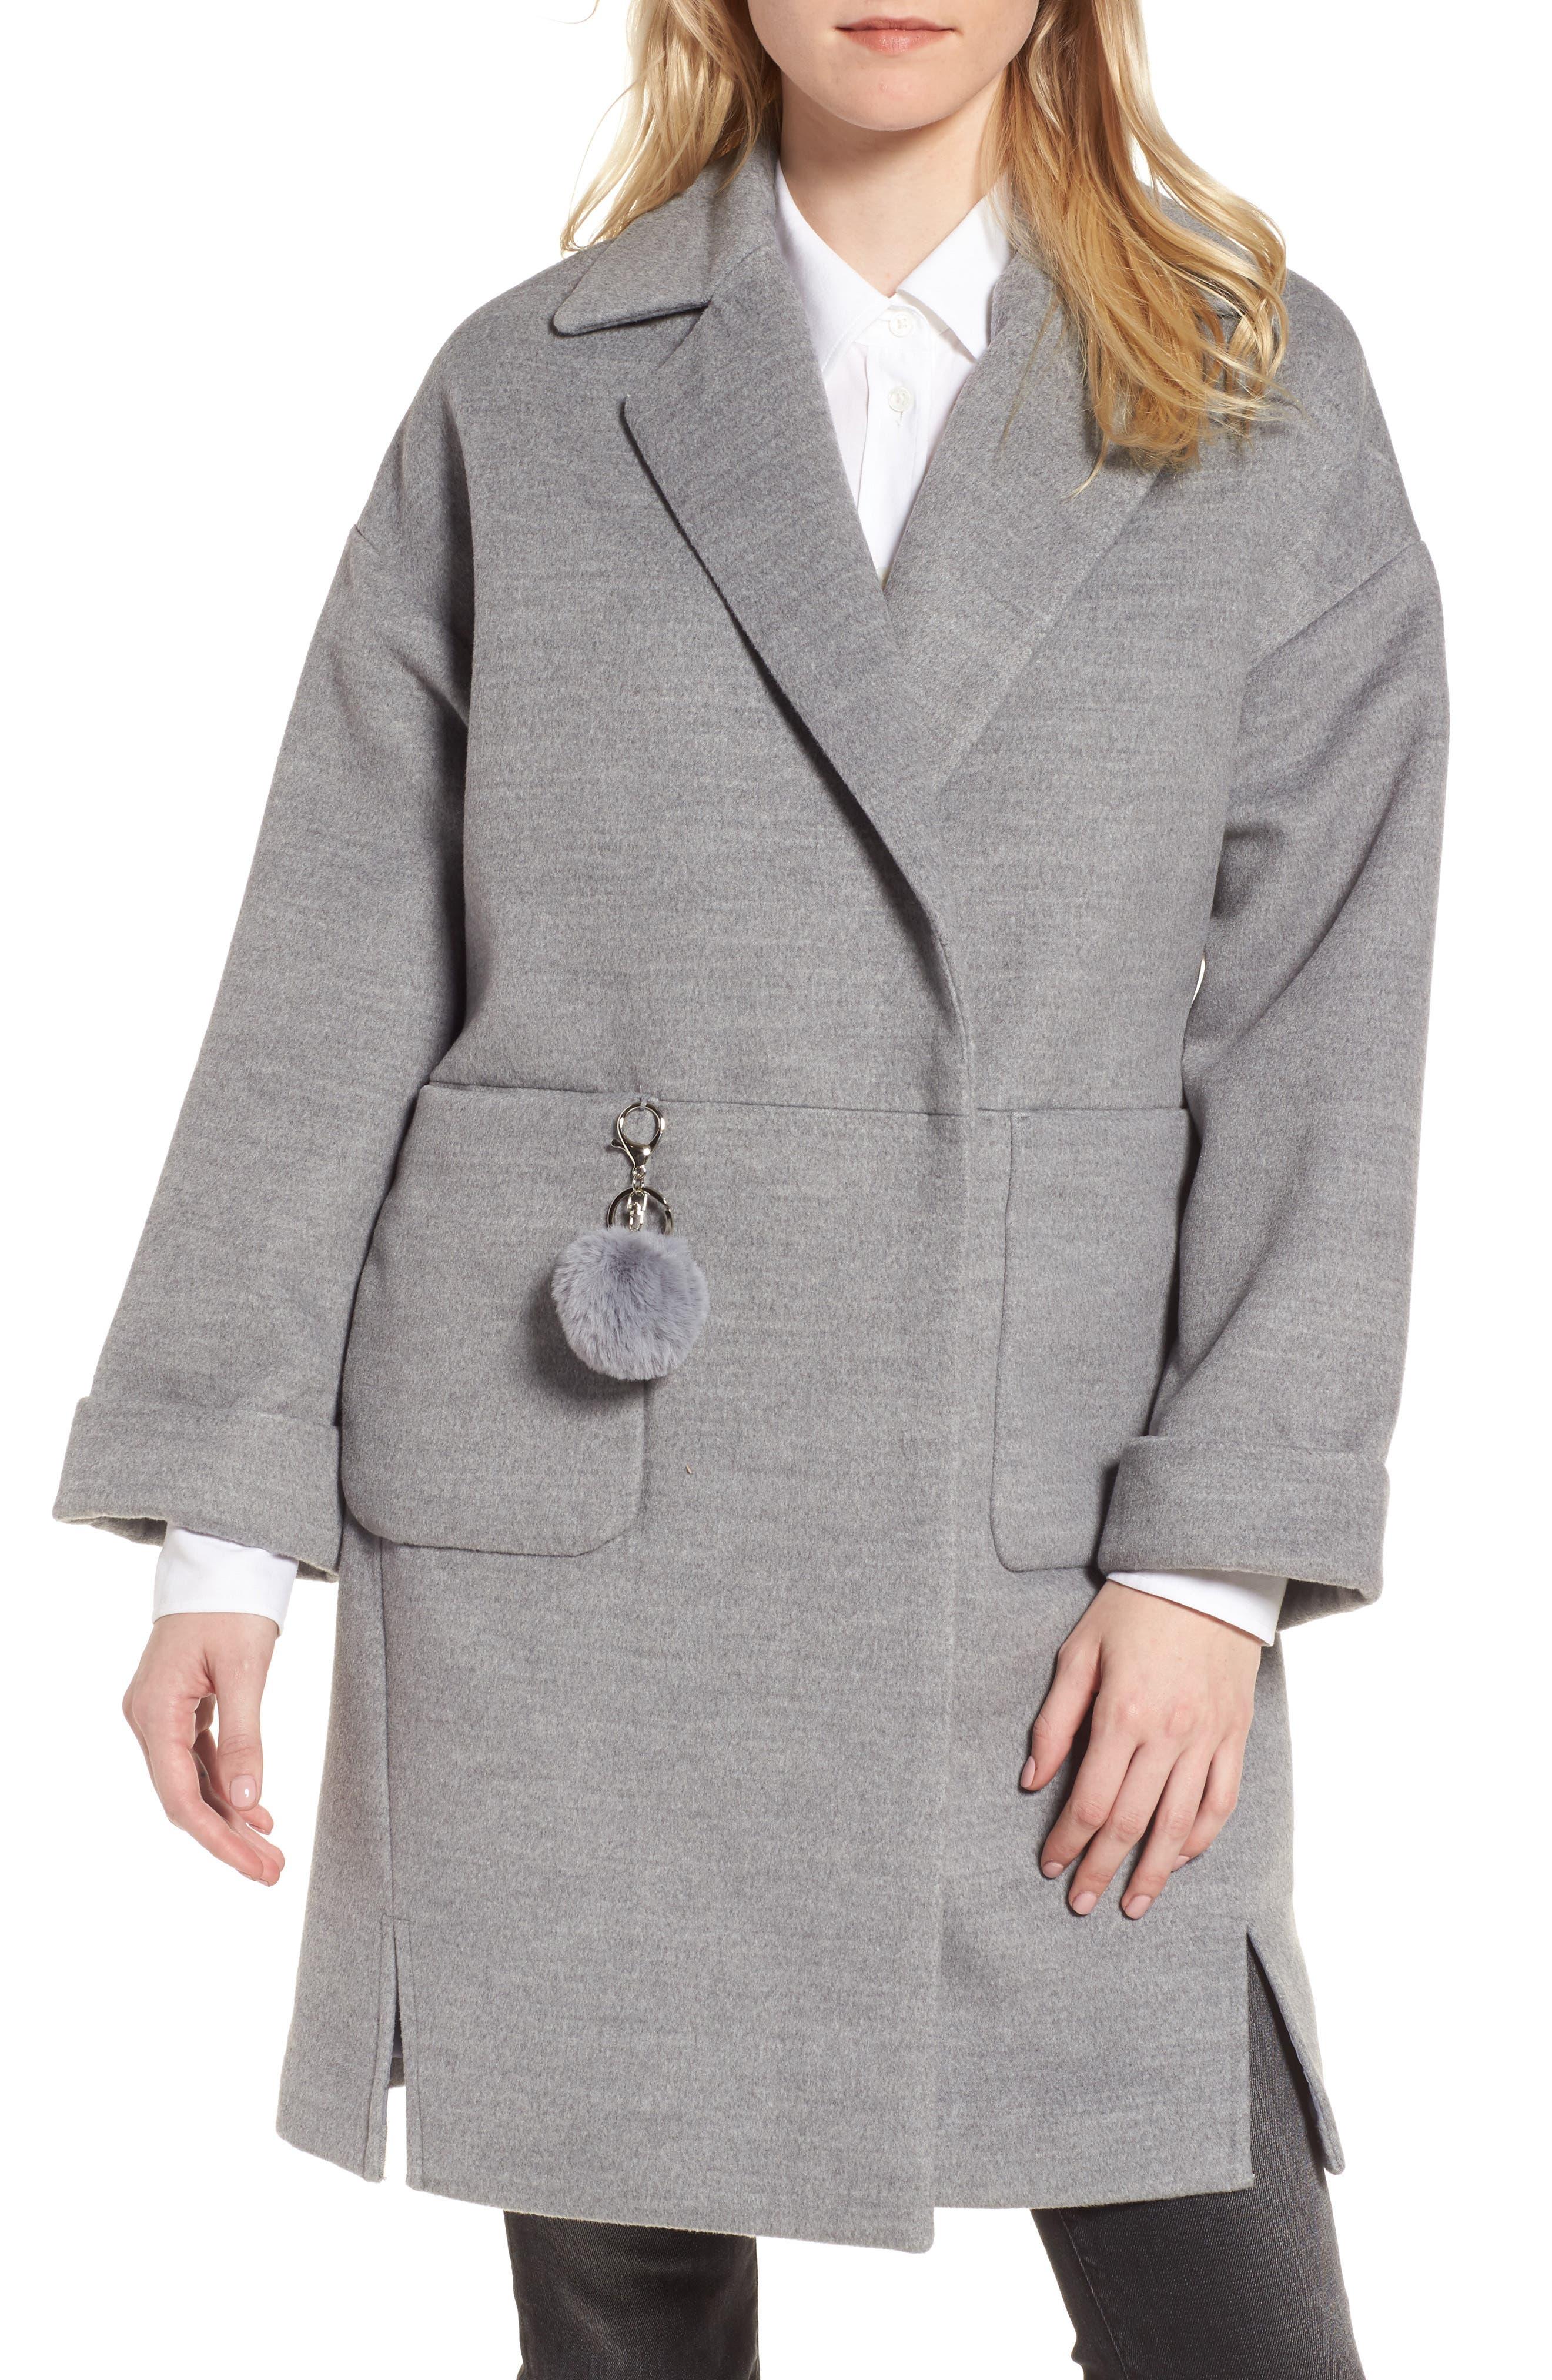 Pompom Trim Coat,                             Main thumbnail 1, color,                             020